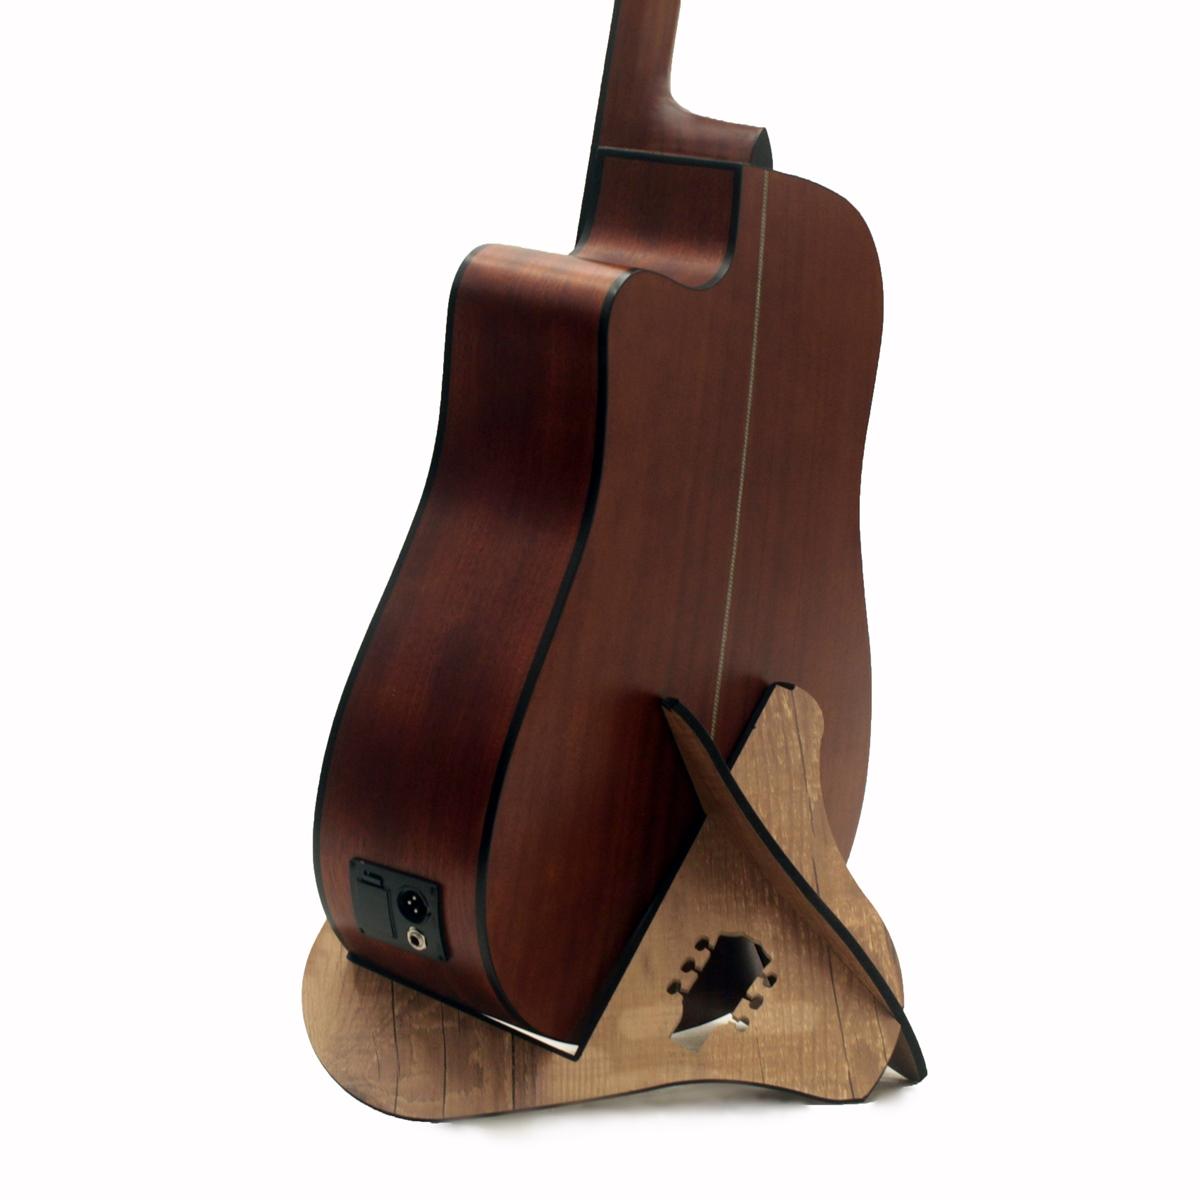 Suporte de Chão Violão Folk e Clássico Gonfour GF01 Compacto